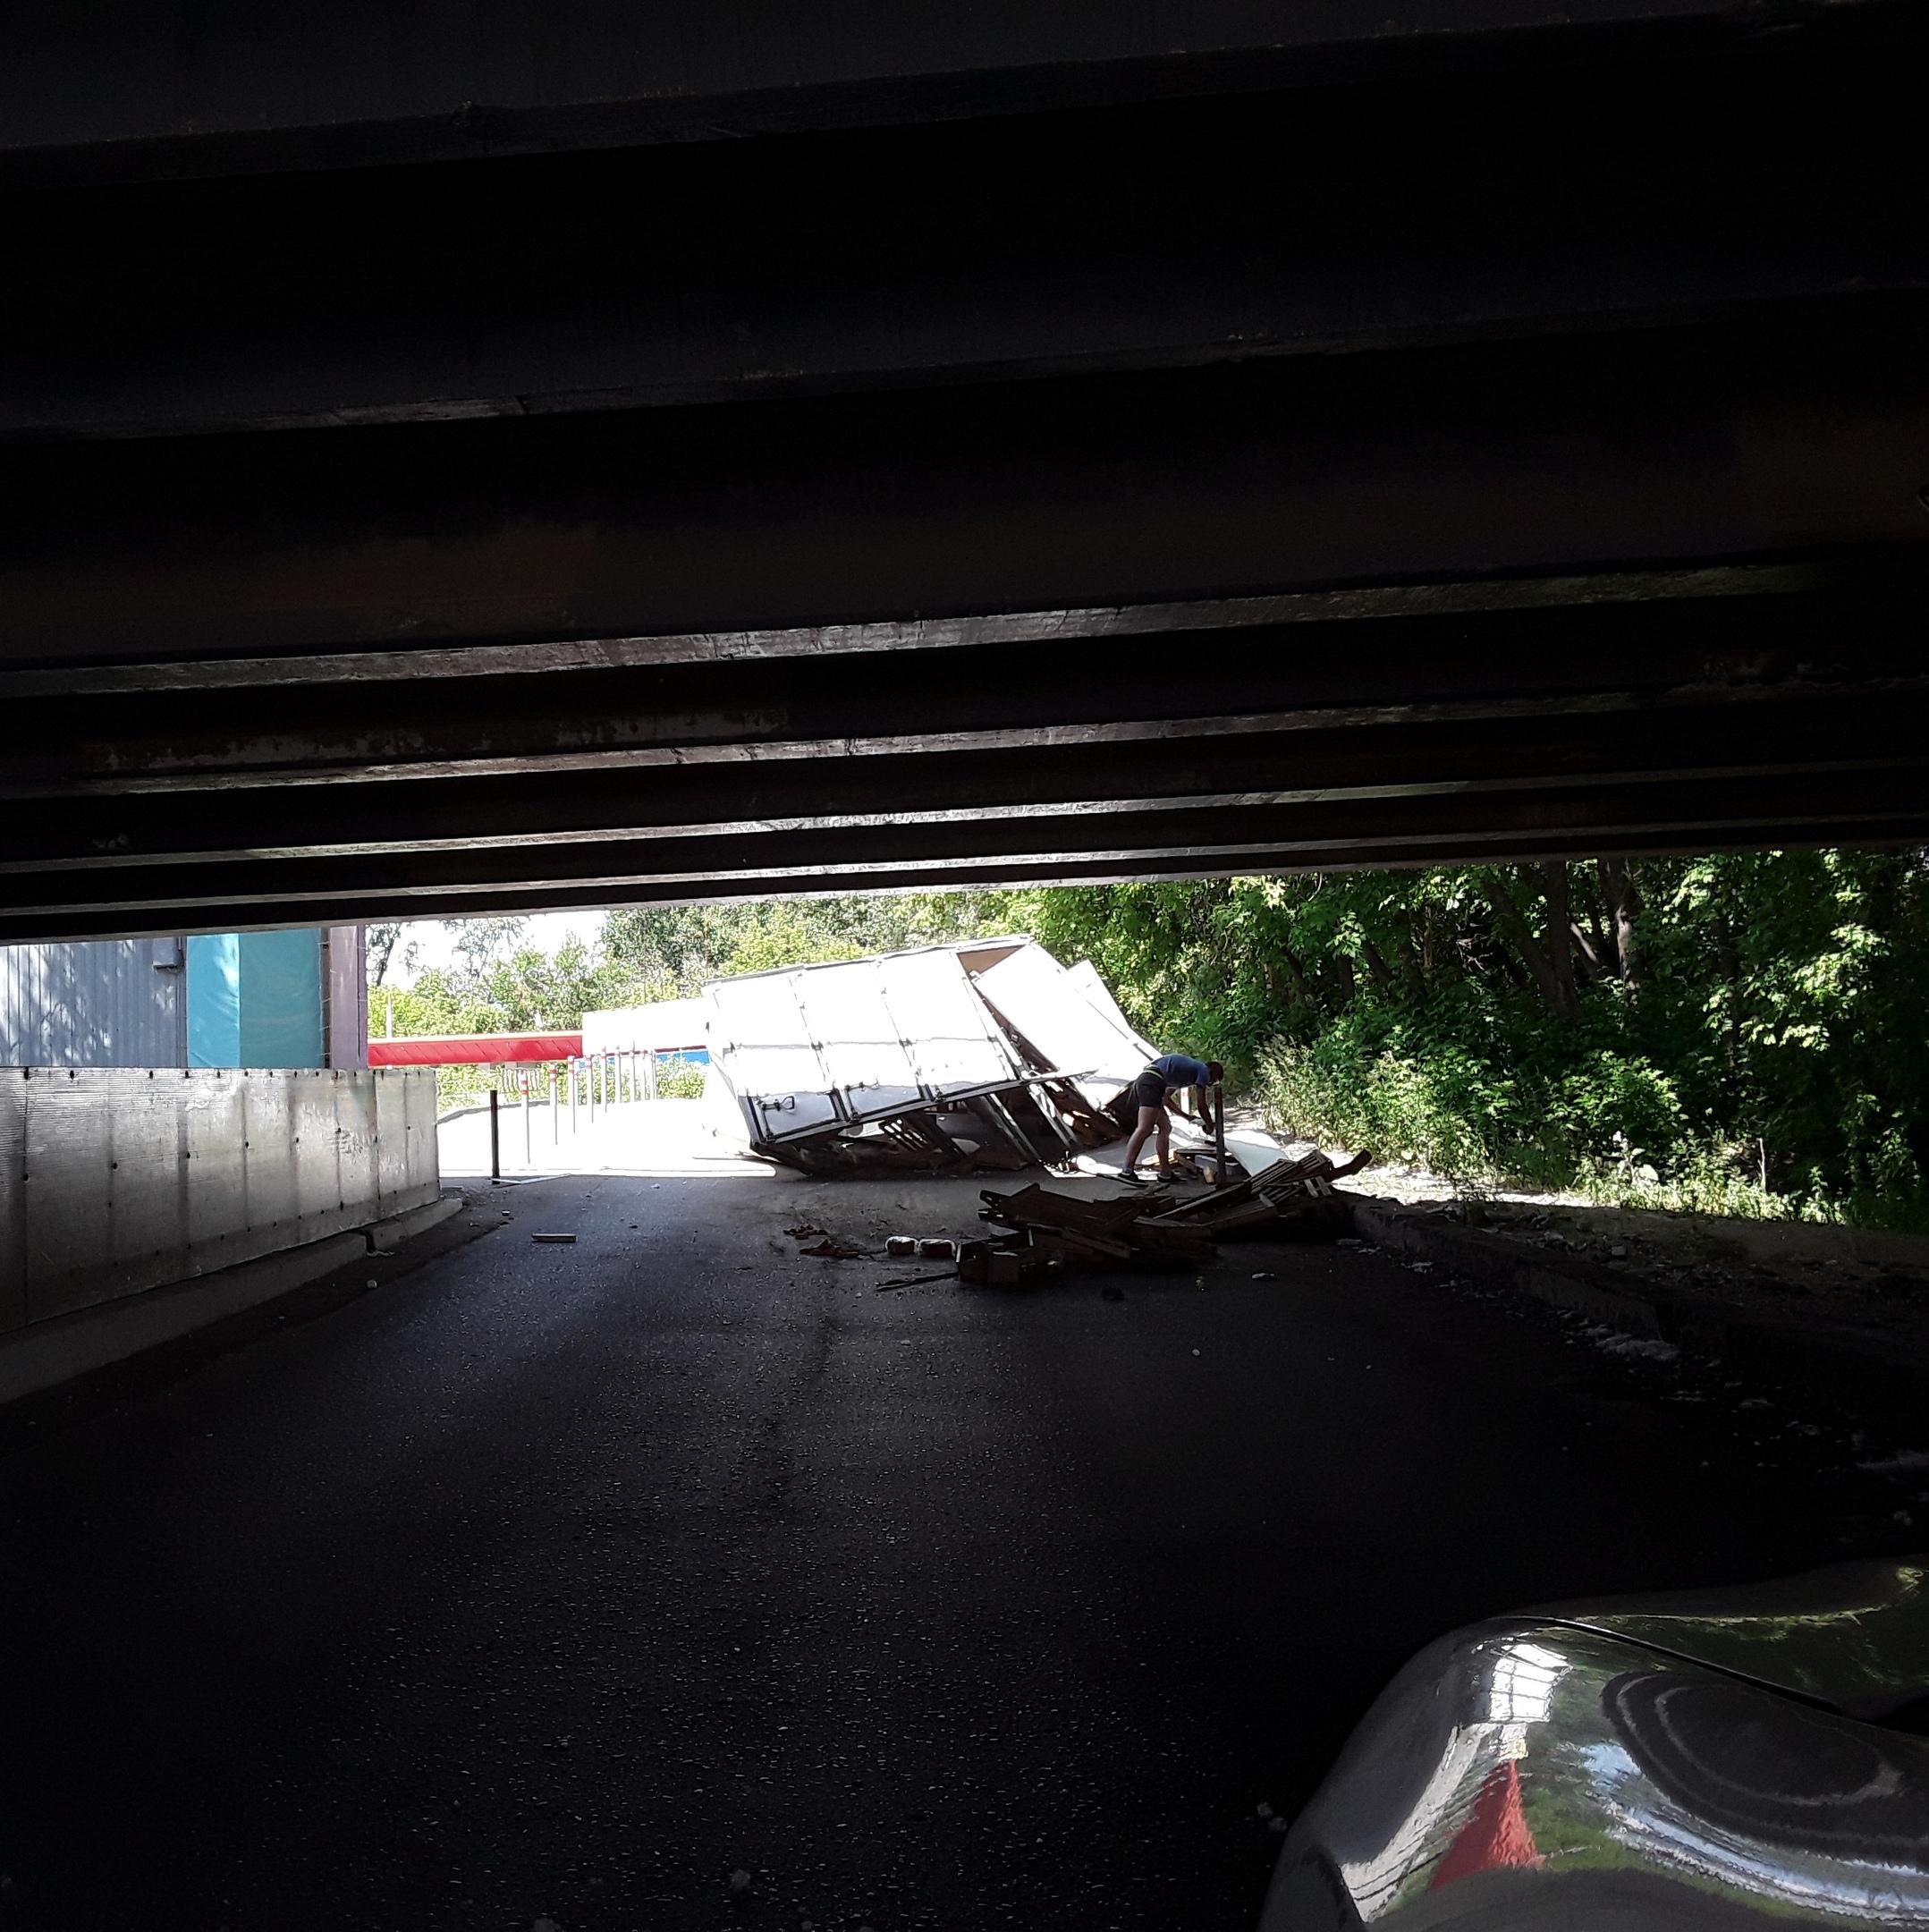 Сейчас инаУрале. ВПерми «газель» развалилась под еще одним «мостом глупости»